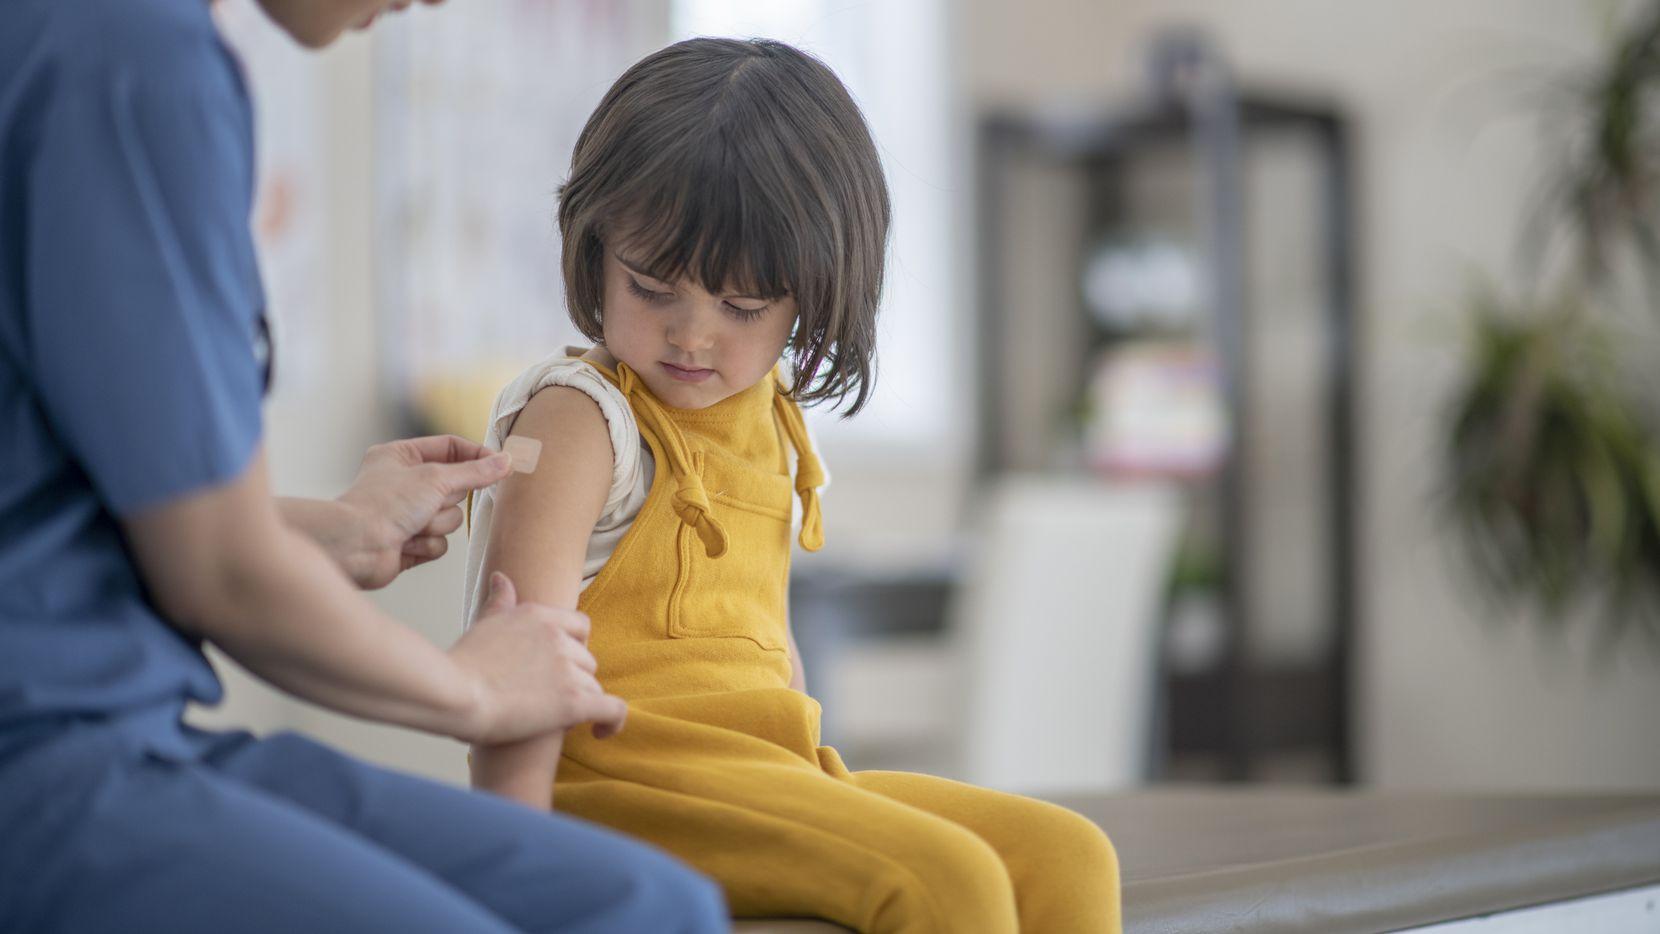 El distrito escolar de Garland ofrece vacunas de todo tipo para sus estudiantes antes del ciclo escolar.